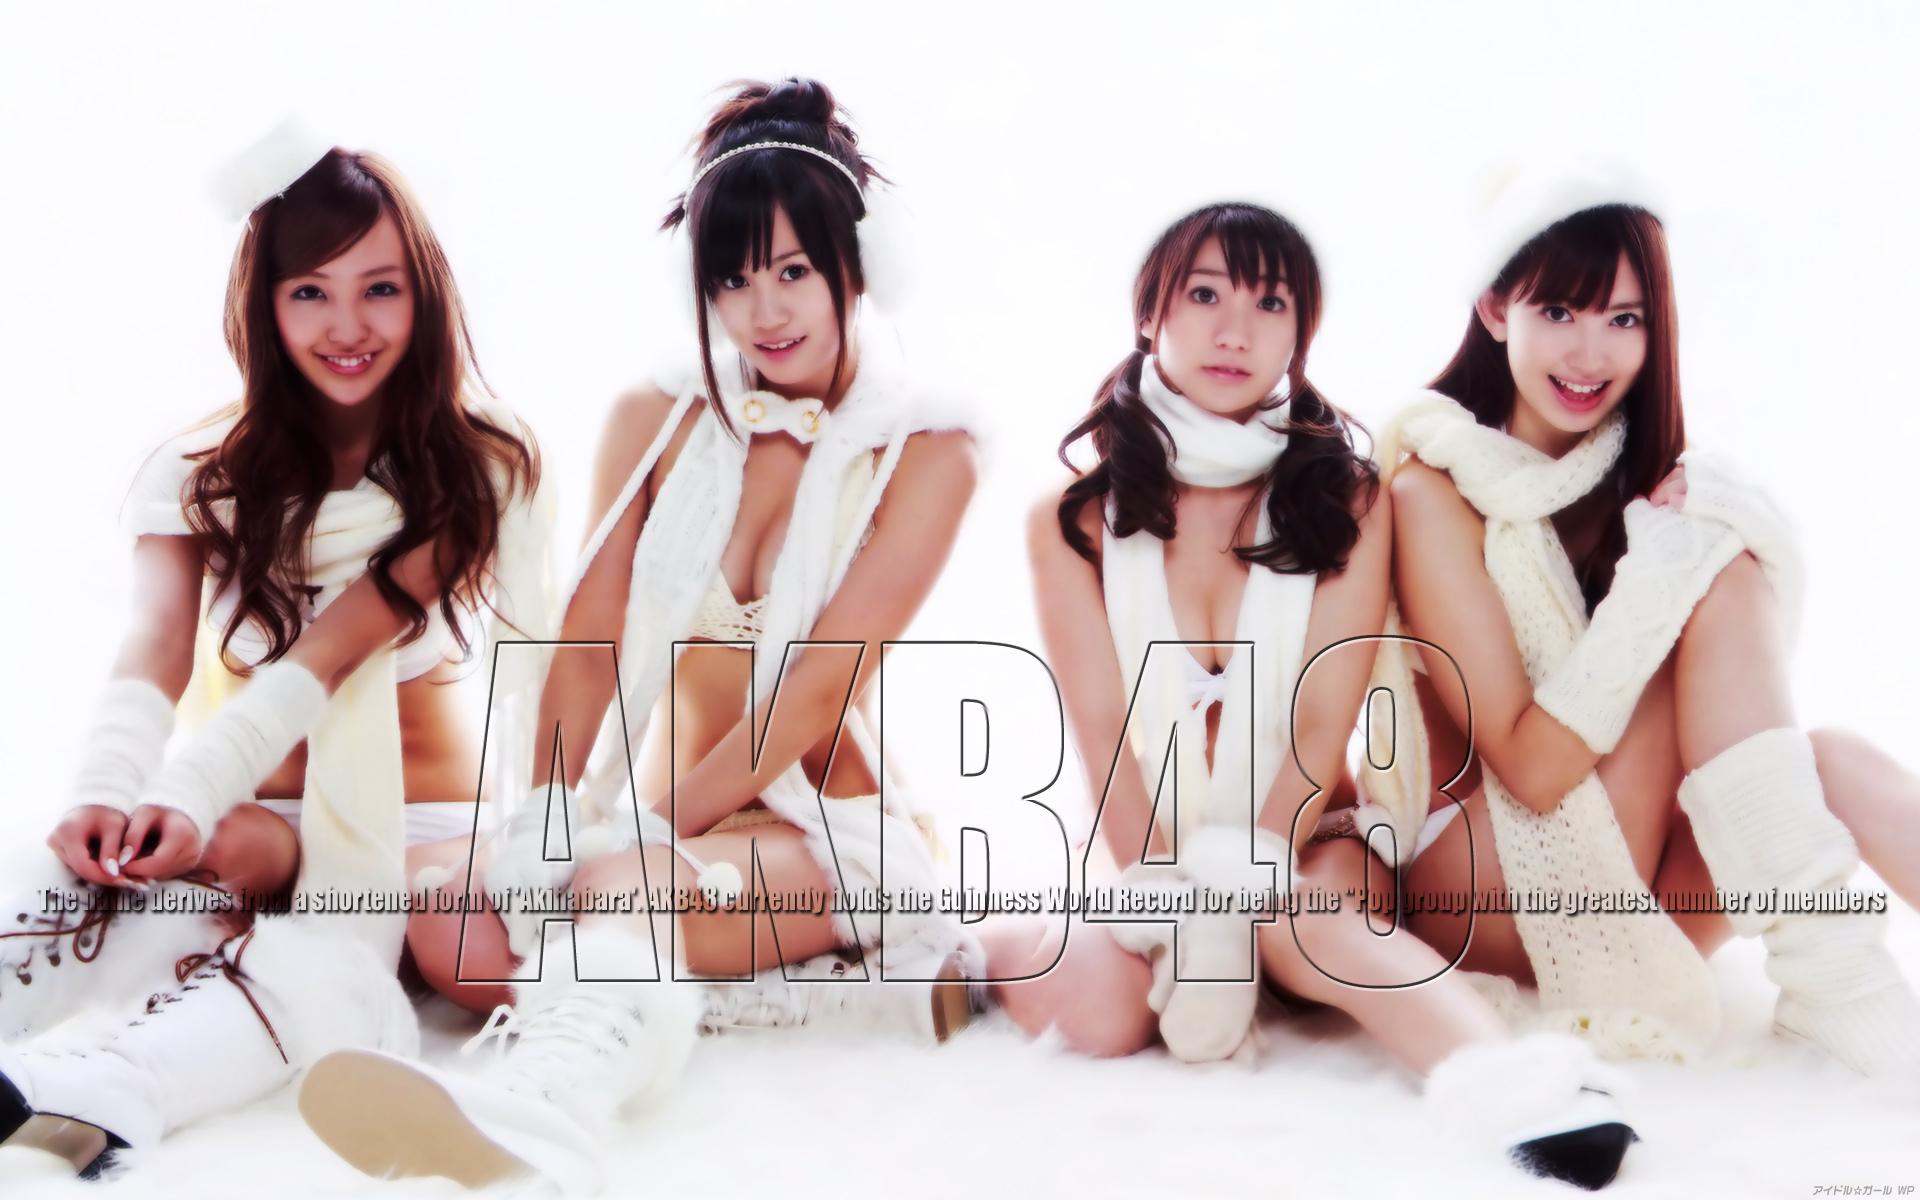 AKB48の壁紙wu004